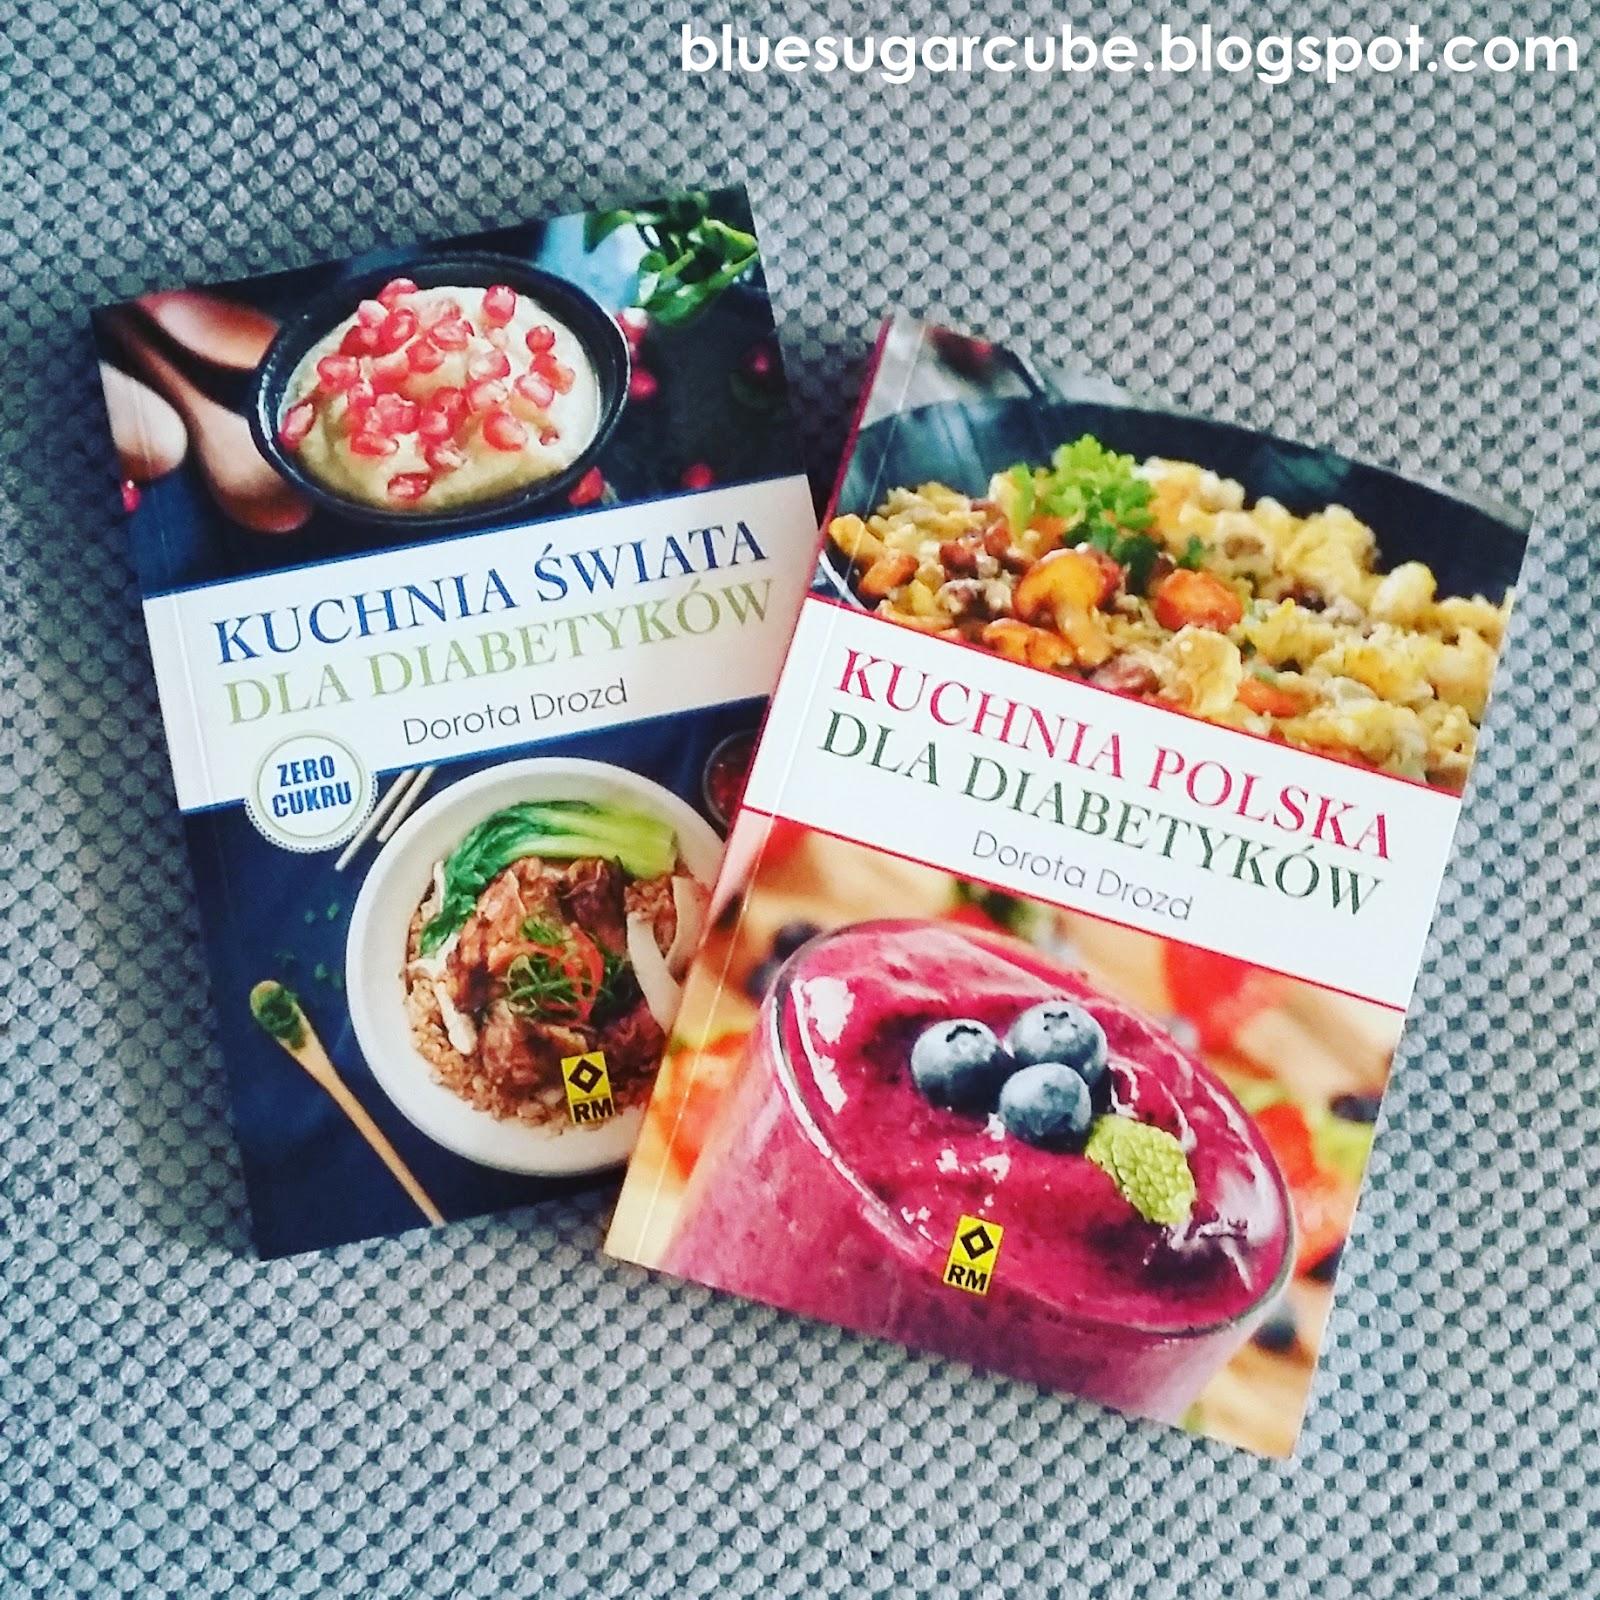 Bluesugarcube Blog O Cukrzycy Diabetes Blog Z Cukrzycą